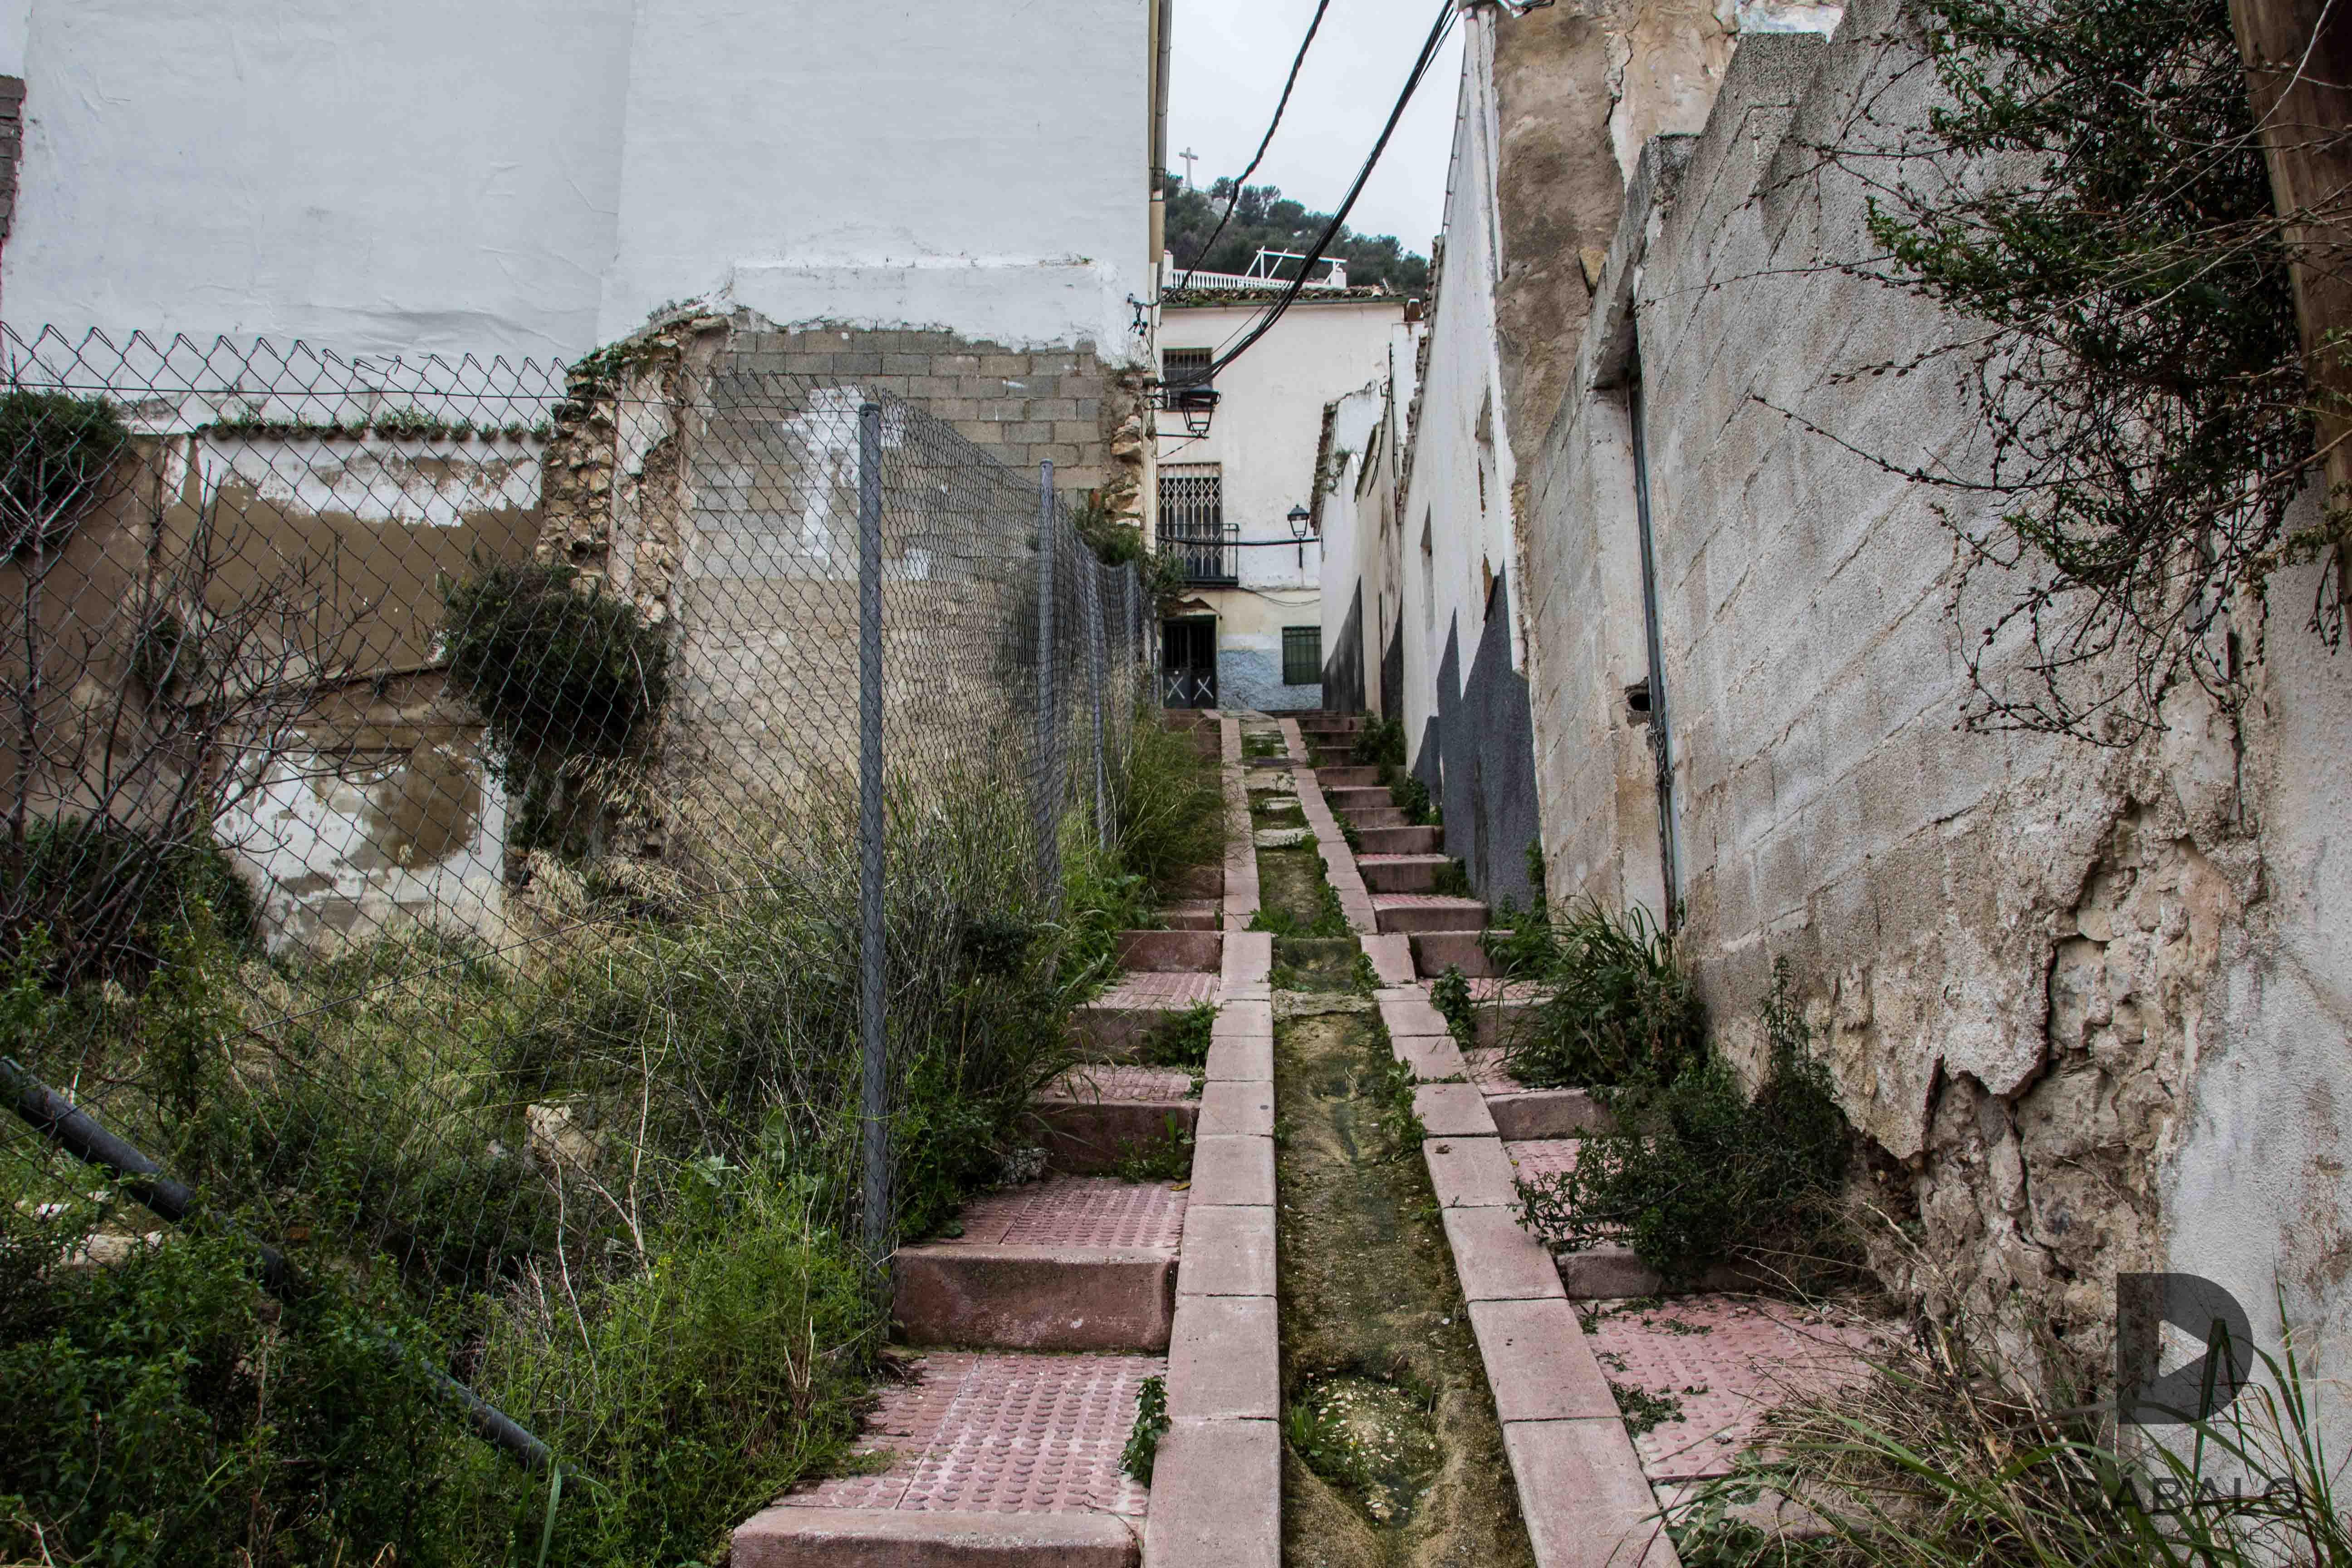 FOTO 3: Calle de Los Macías, abandonada totalmente e inundada de vegetación, hay solares a ambos lados de la calle a través de los cuales se puede pasar a la calle paralela (calle Santiago). La cruz del castillo en la parte de arriba.